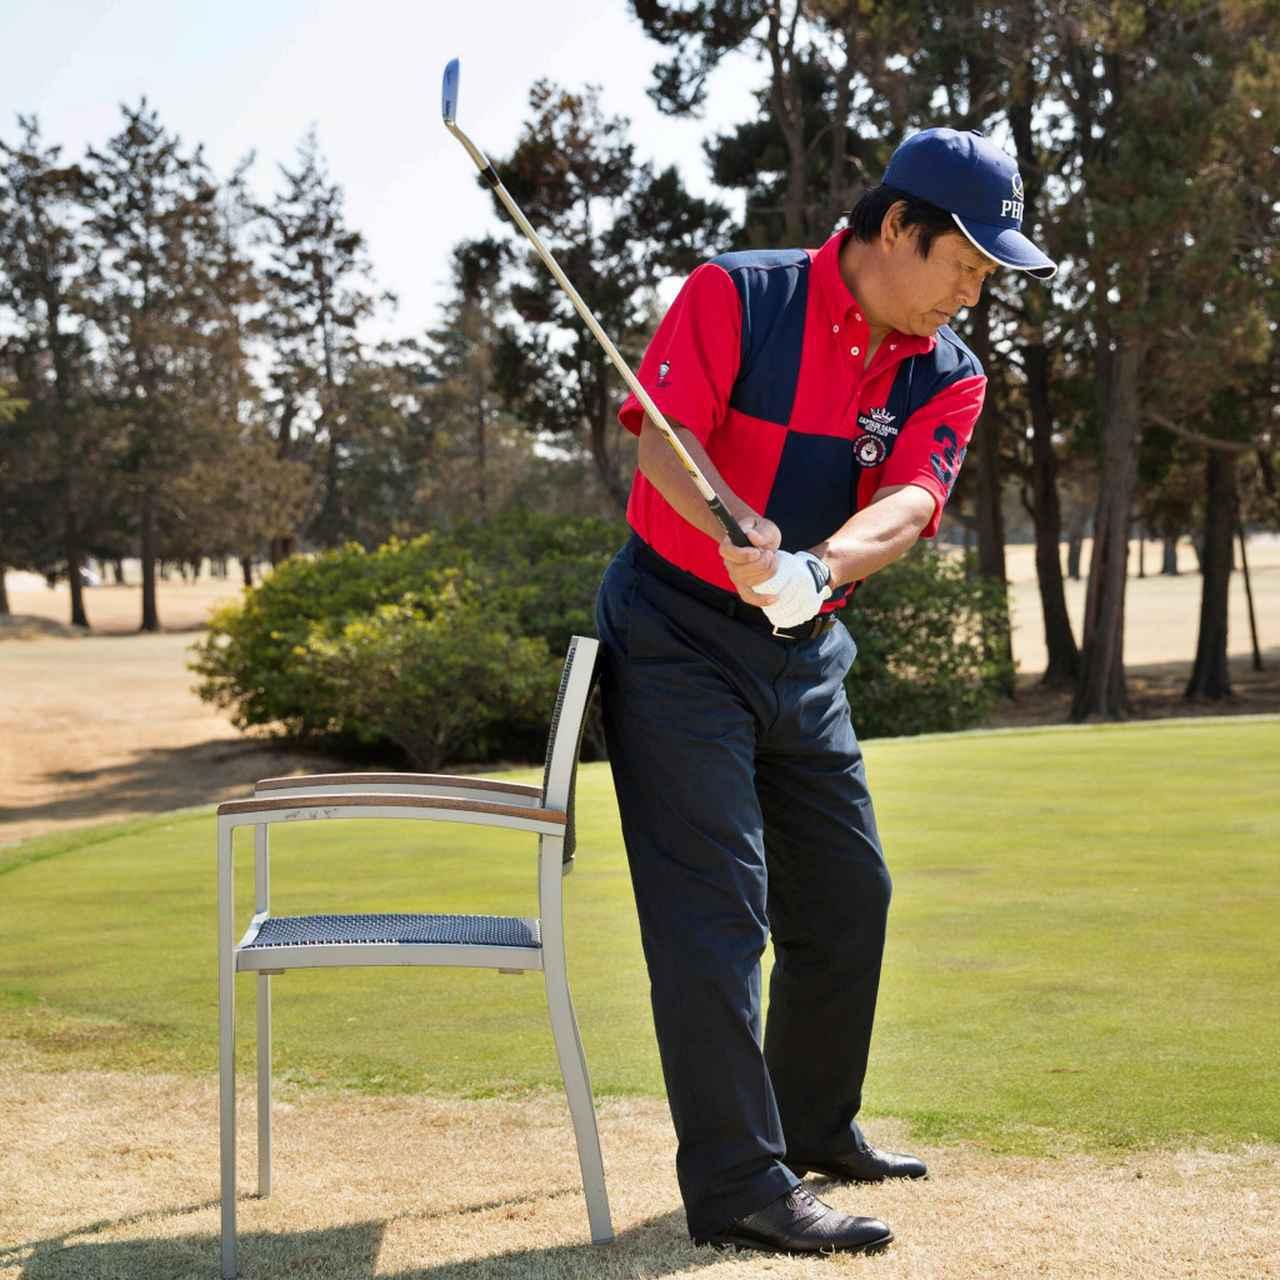 画像: 椅子の背もたれにお尻を当ててバックスウィングしてみる。「椅子を強く押したら、それは腰が引けている証拠。椅子に軽く触れたまま動ければ、股関節に乗った素直な動きができた証拠です」(ユハラ)